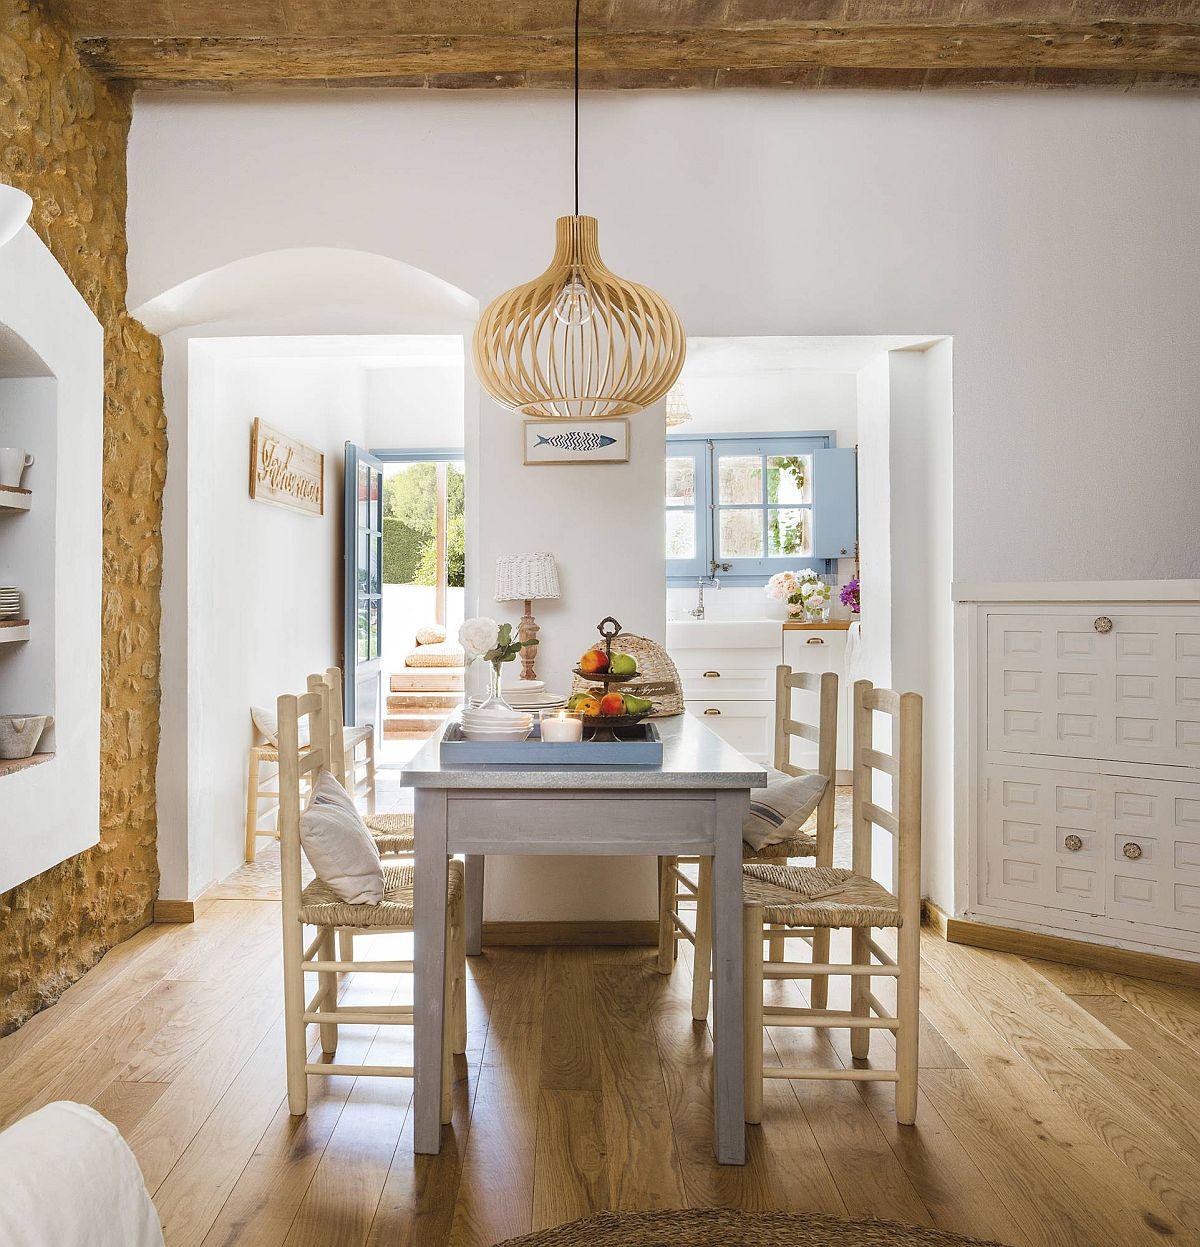 adelaparvu.com despre casa lunga si ingusta cu terasa, stil marin, design Nice Home Barcelona, Foto Jordi Canosa (3)